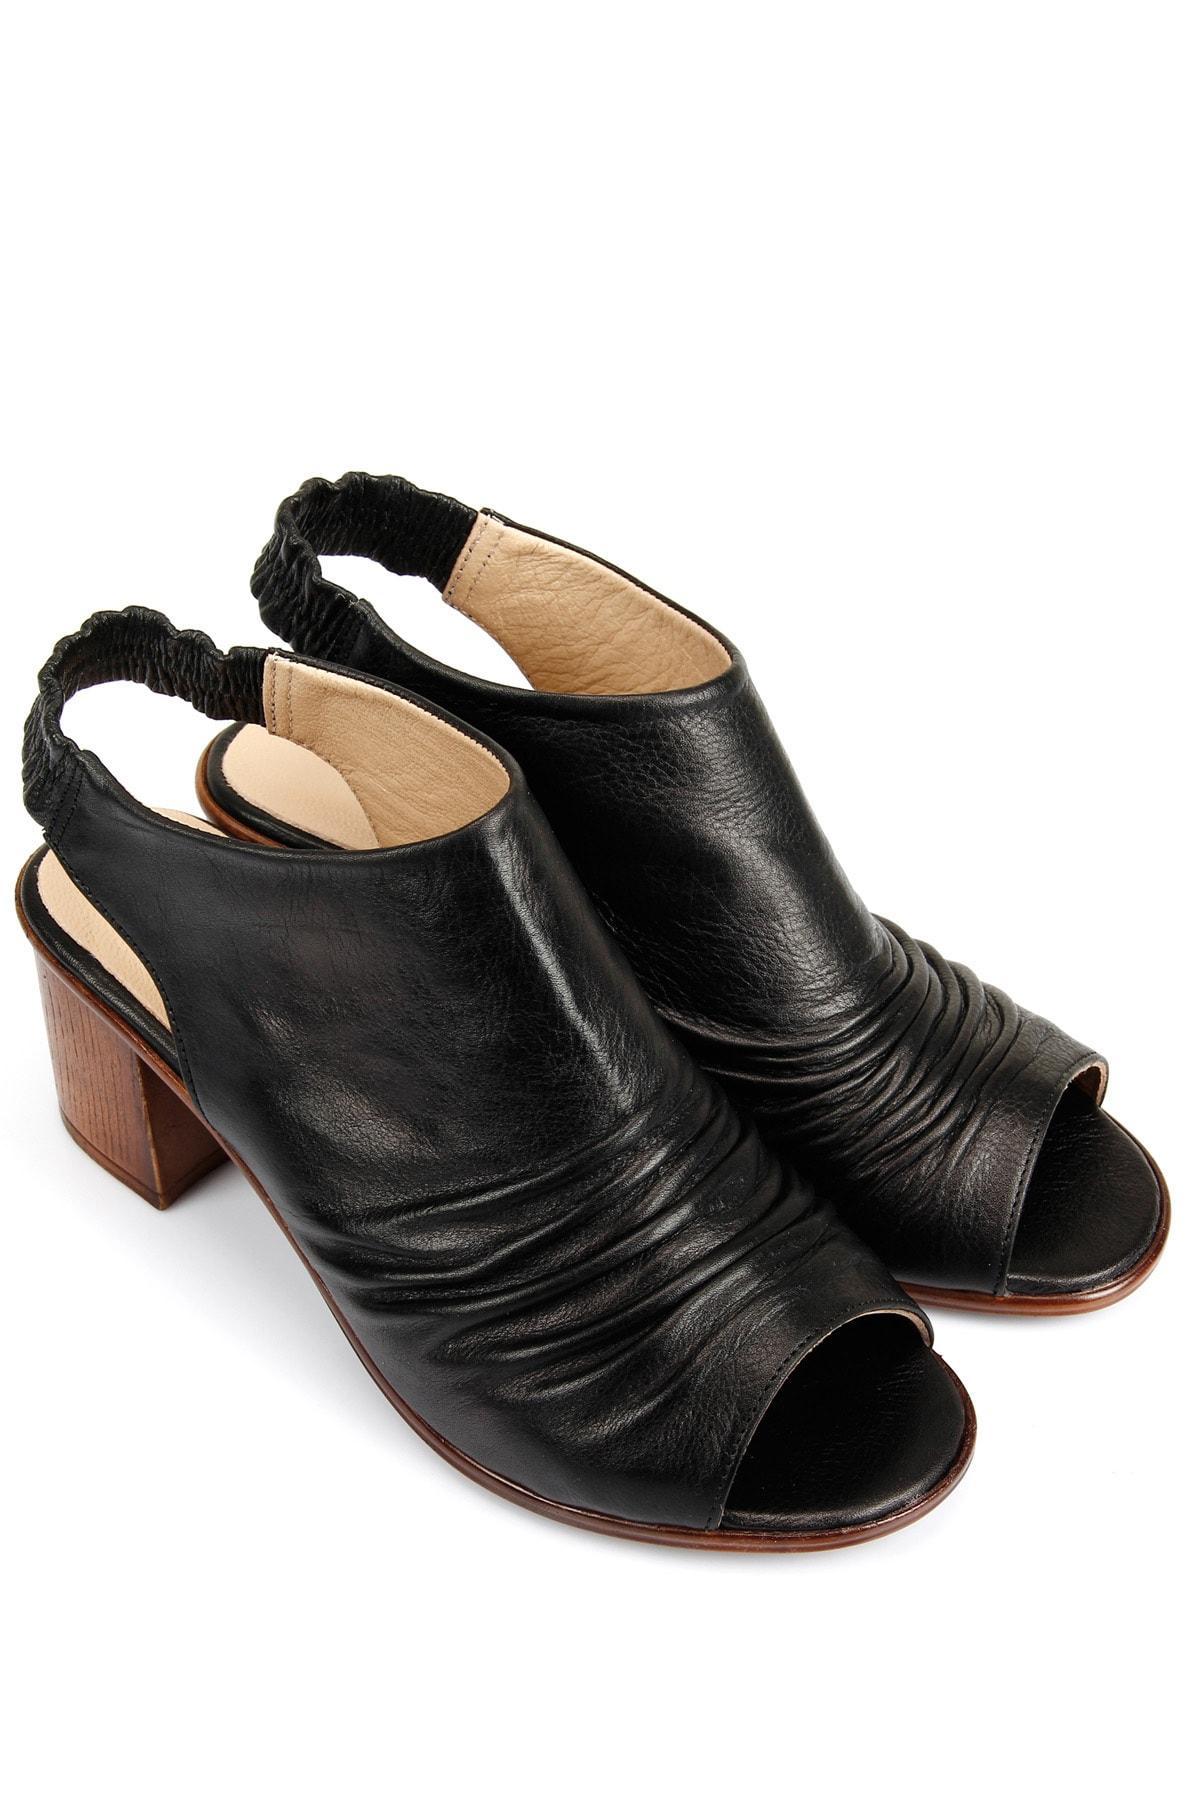 GÖNDERİ(R) Kadın Siyah Hakiki Deri Sandalet 45619 2